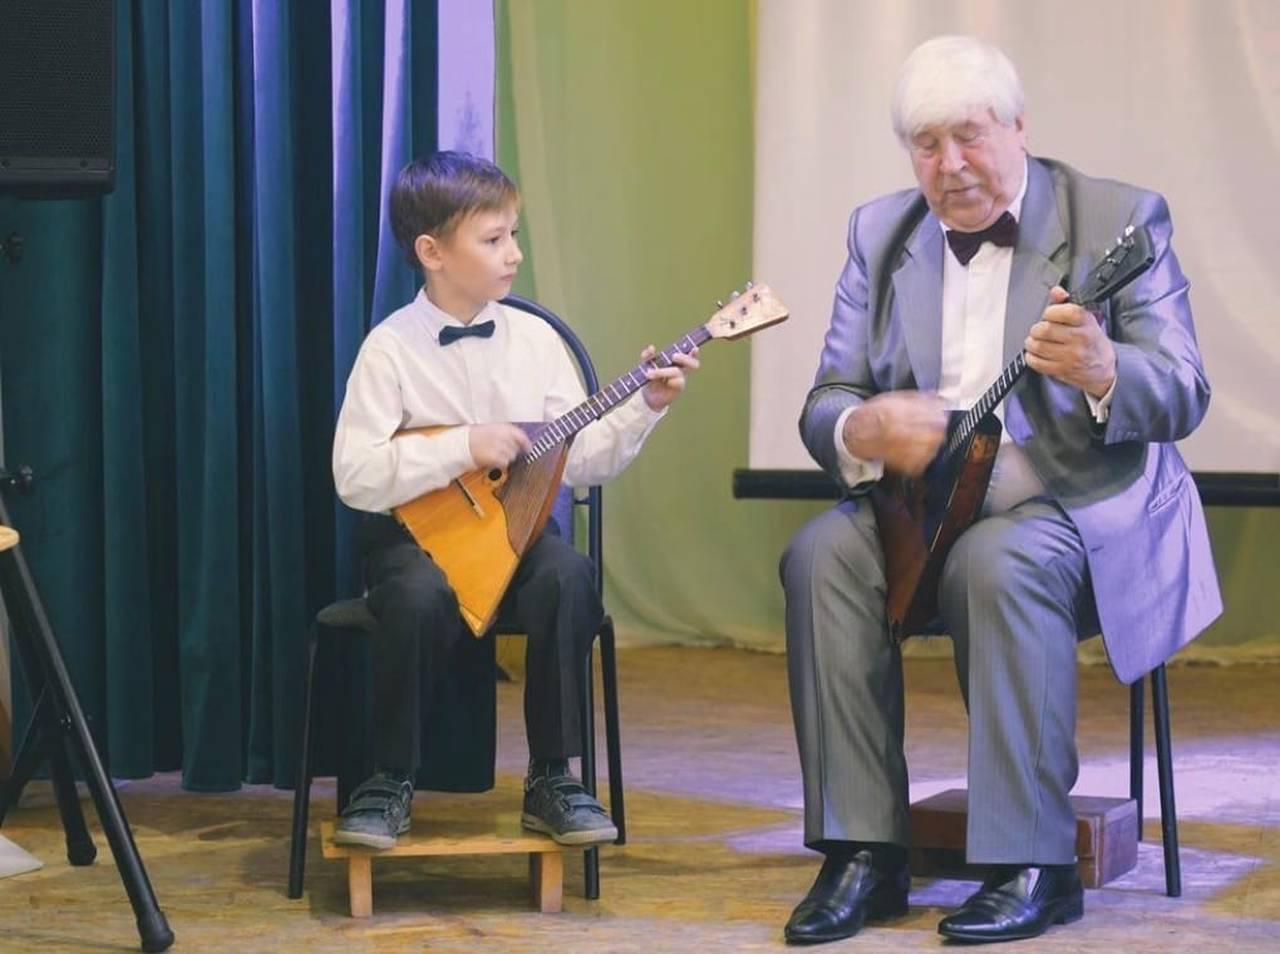 Музыкальный вечер прошел в Культурном центре «Яковлевское» Новофедоровского